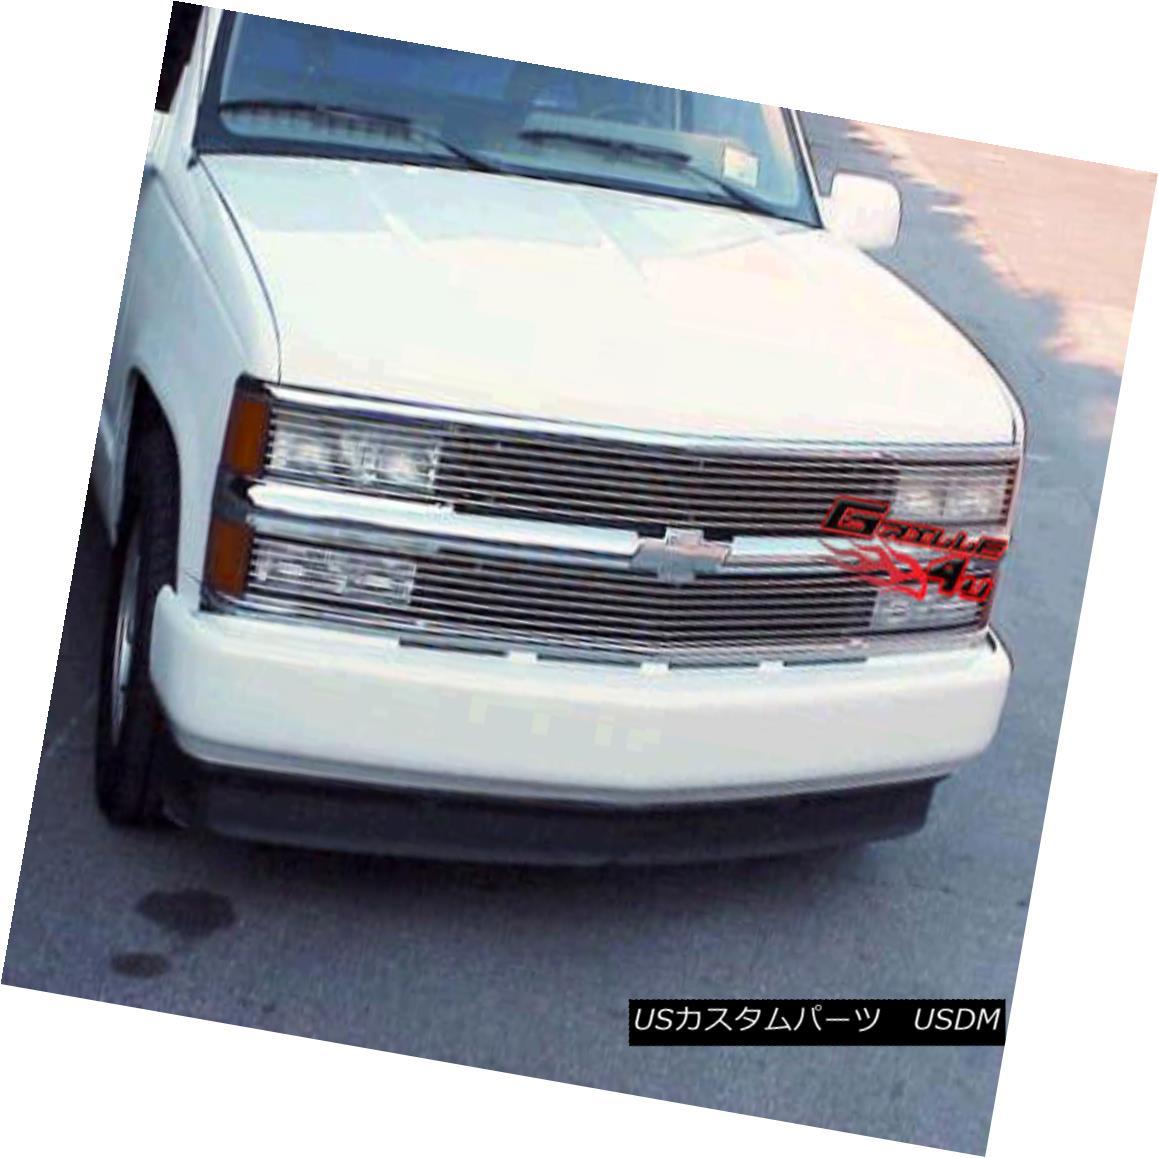 グリル For 94-99 C/K Pickup/Suburban/Blazer/Tahoe Phantom Billet Grille Grill Insert 94-99 C / Kピックアップ/サバーバッジ用/ Blazer / Tahoeファントムビレットグリルグリルインサート